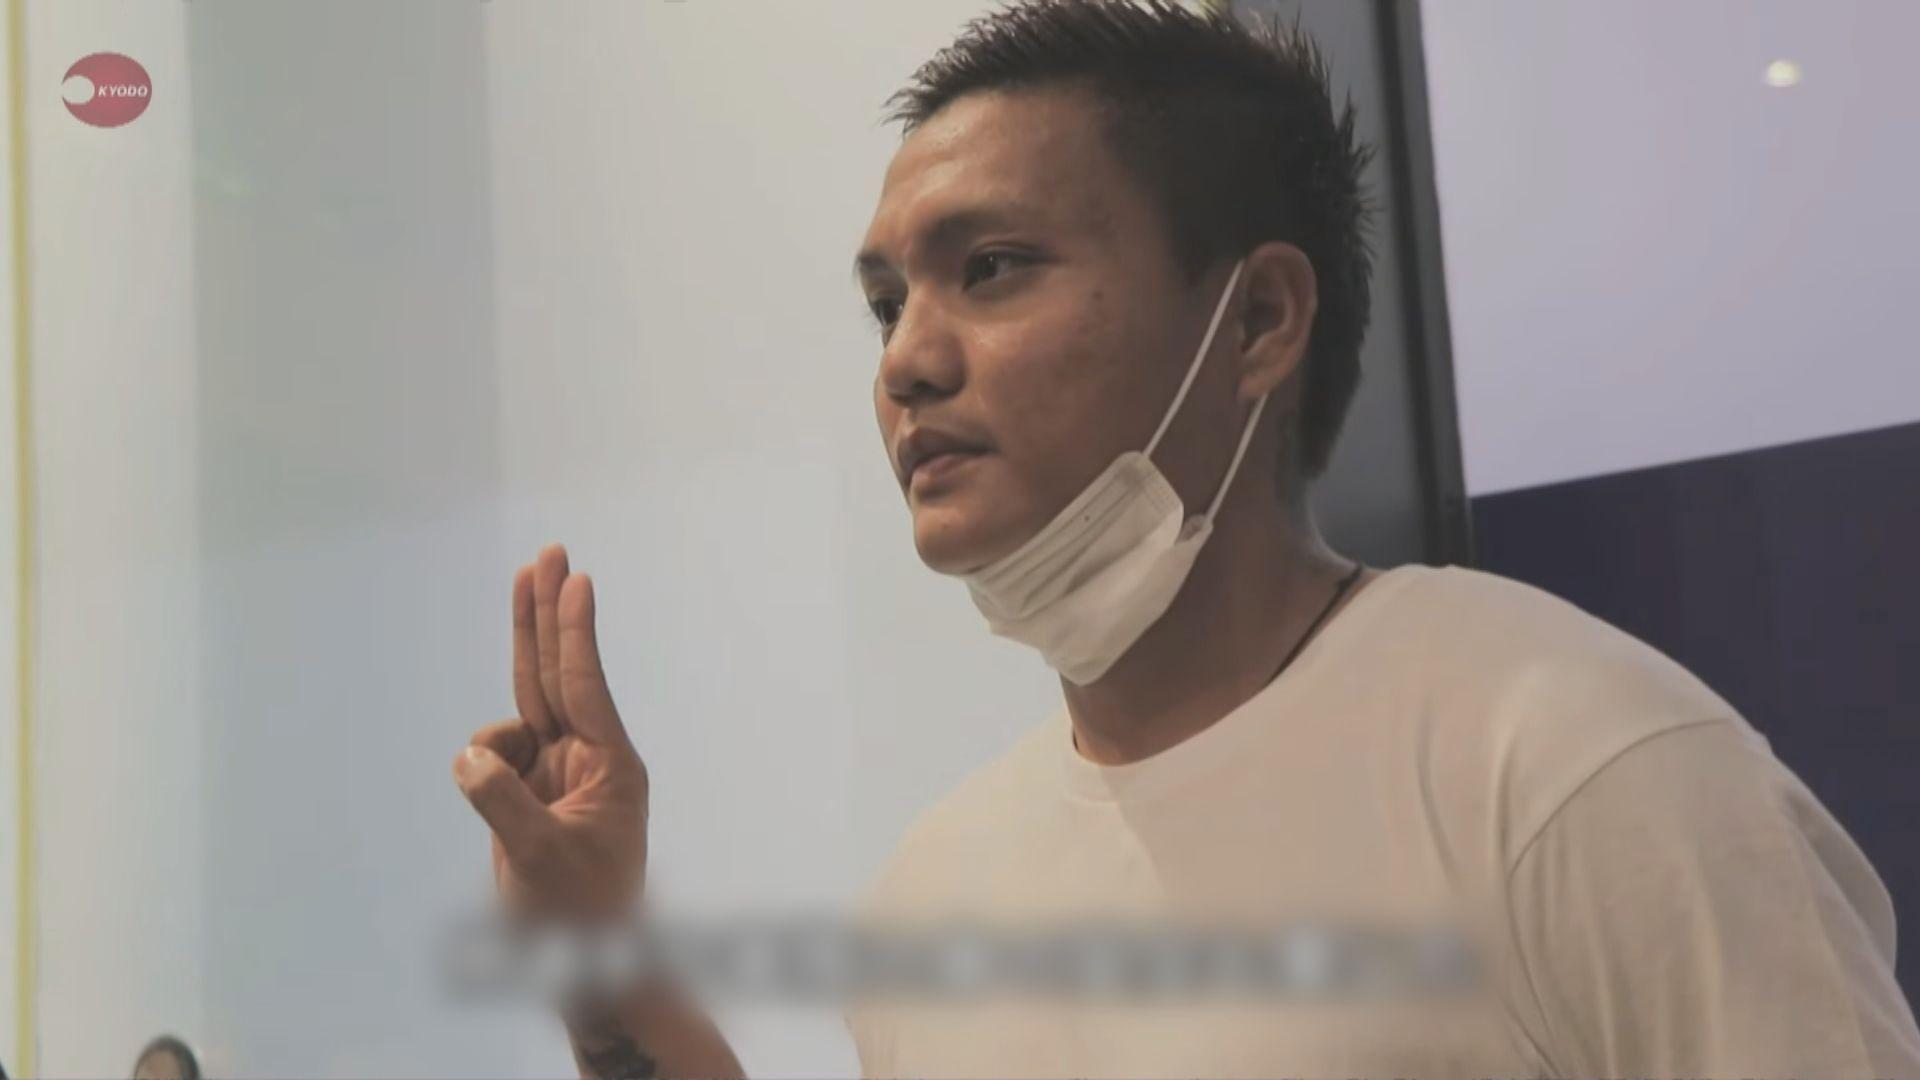 緬甸國足門將拒回國留日尋求庇護